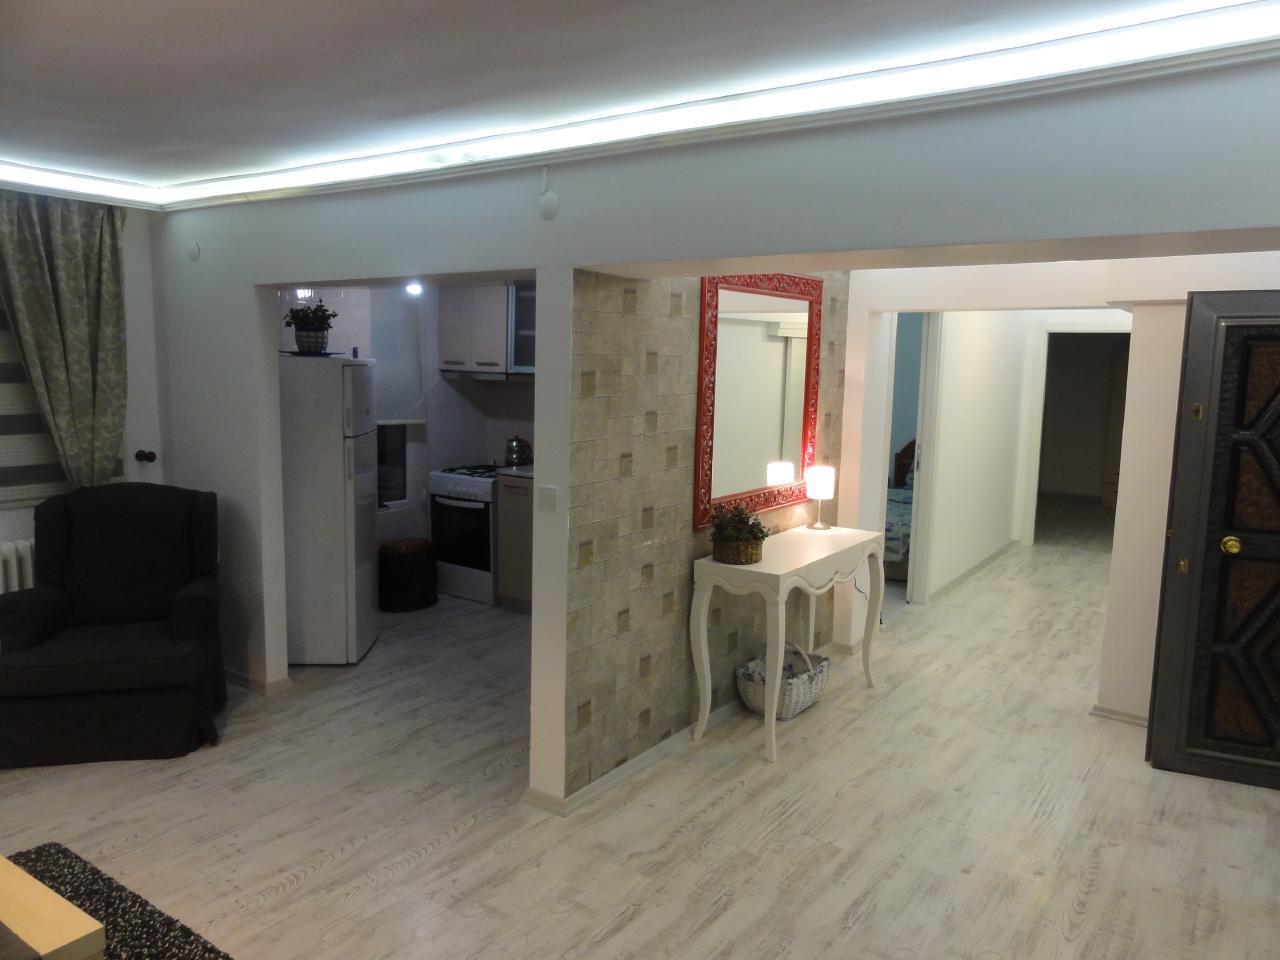 Ferienwohnung Evodak Apartment D 2A (1710500), Balgat, , Zentralanatolien, Türkei, Bild 31